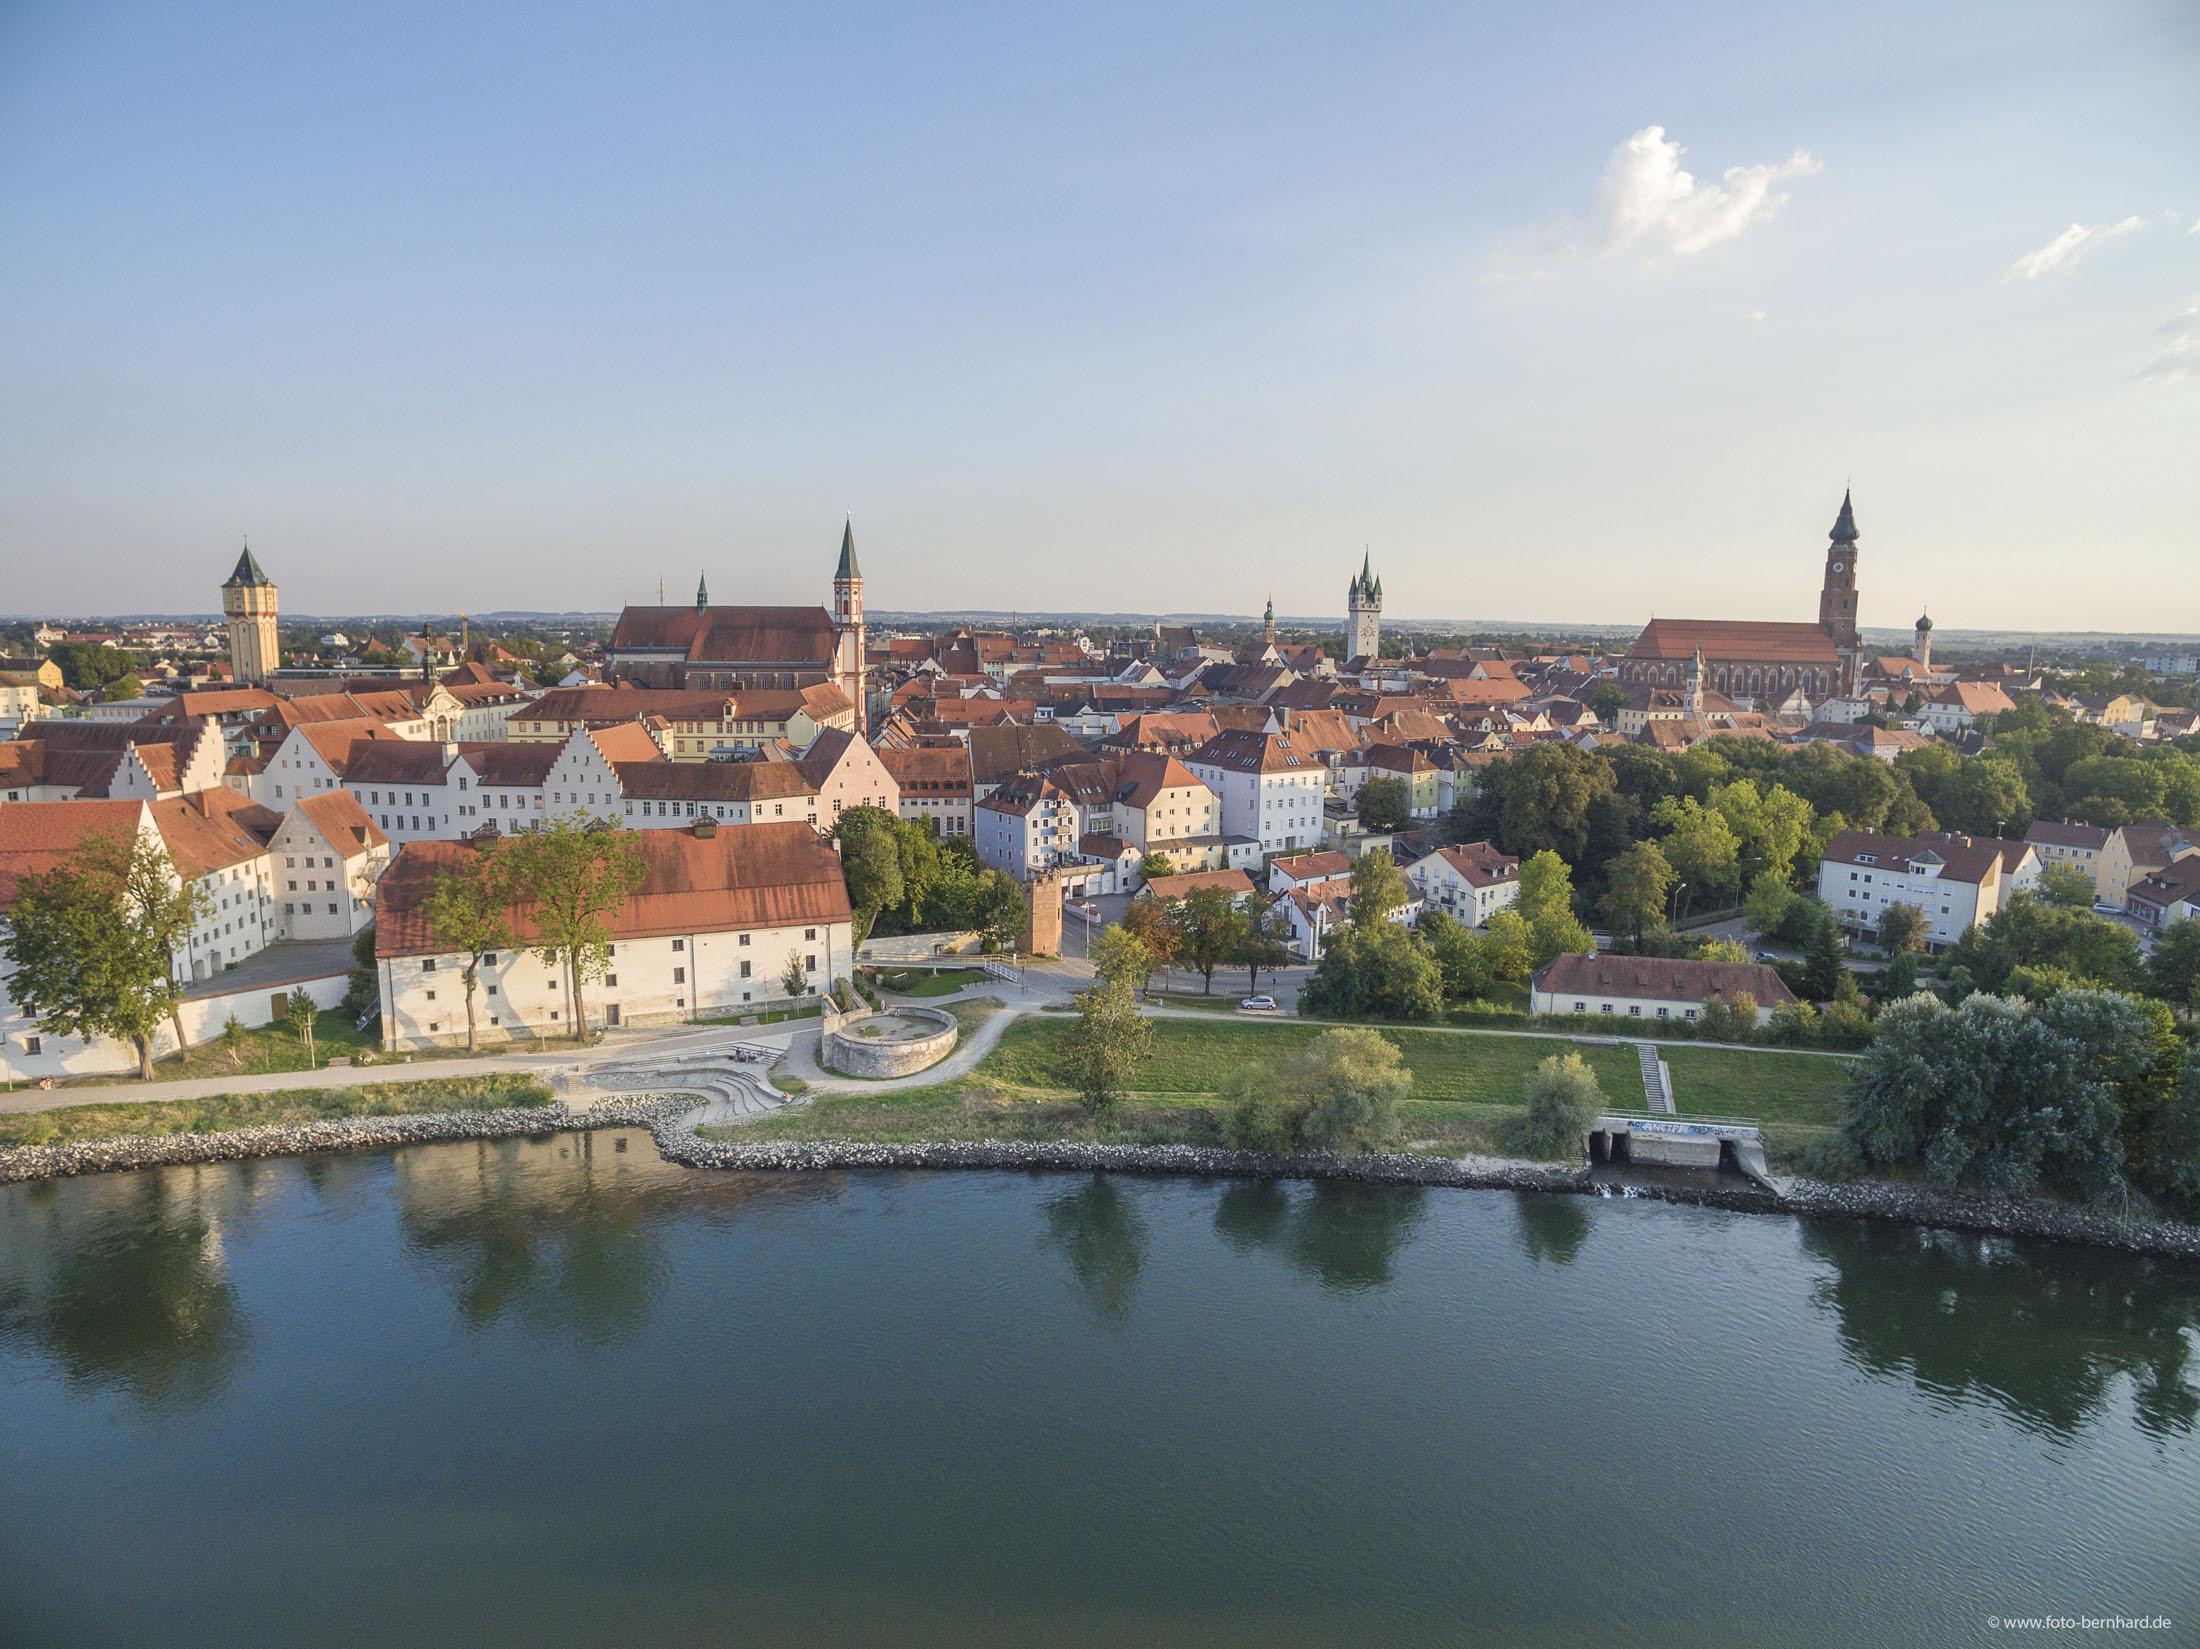 Danube with Herzog Castle - Blick über die Donau auf Straubing mit Herzogschloss